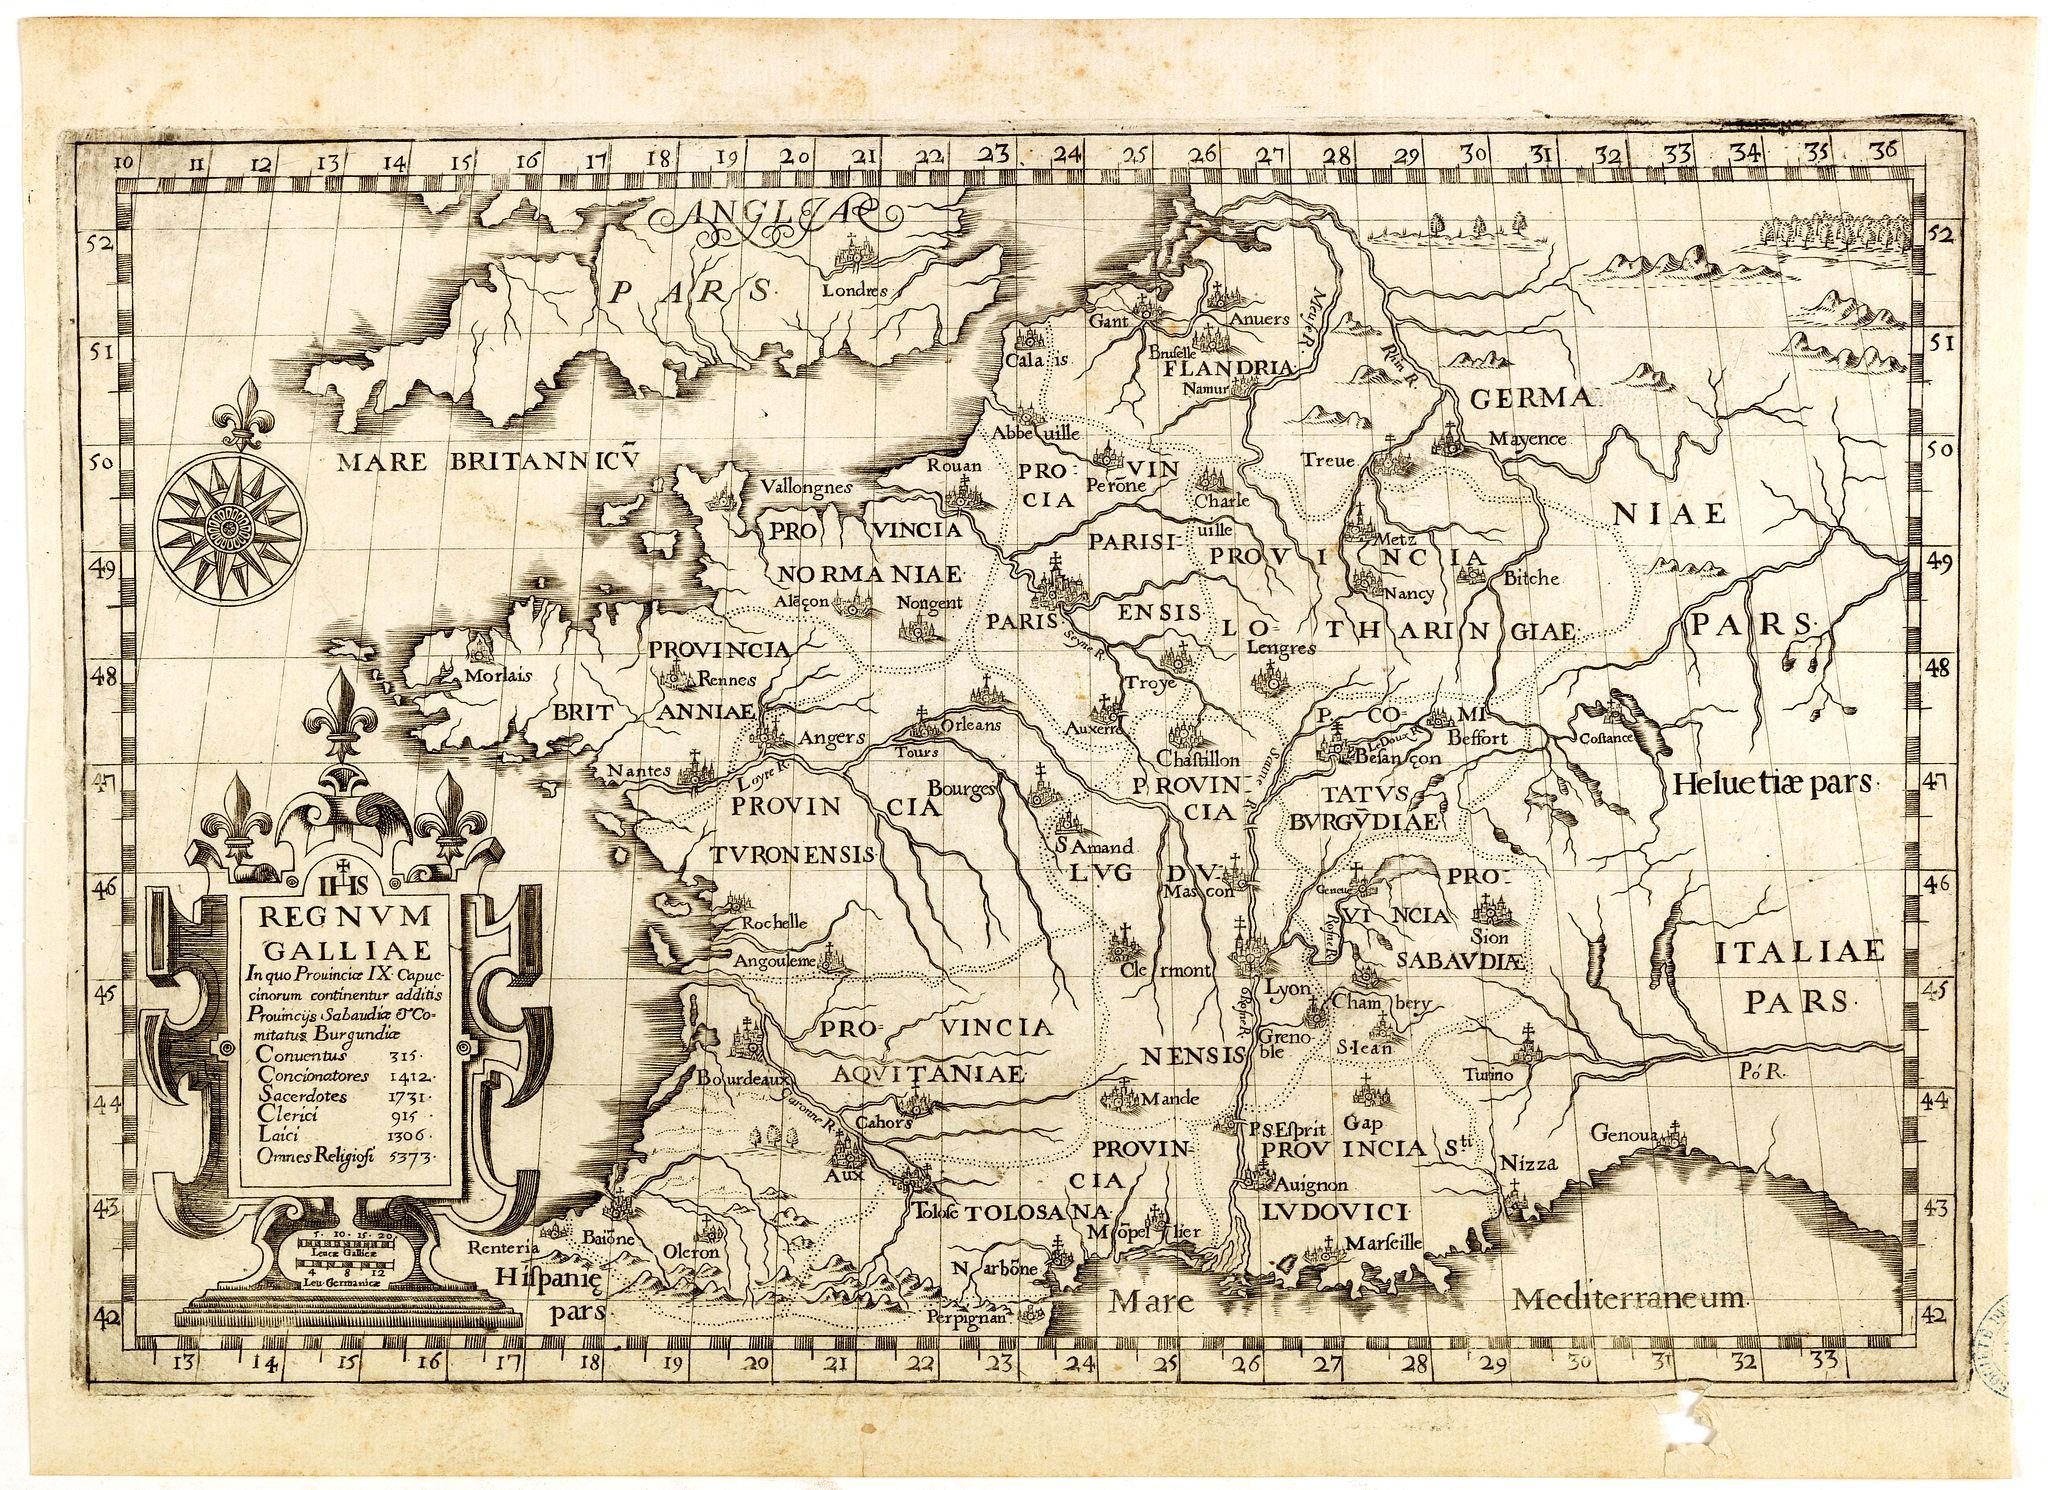 MONTECALERIO, Ioannis. A / GUCHEN, Maximus. -  Regnum Galliae. . .